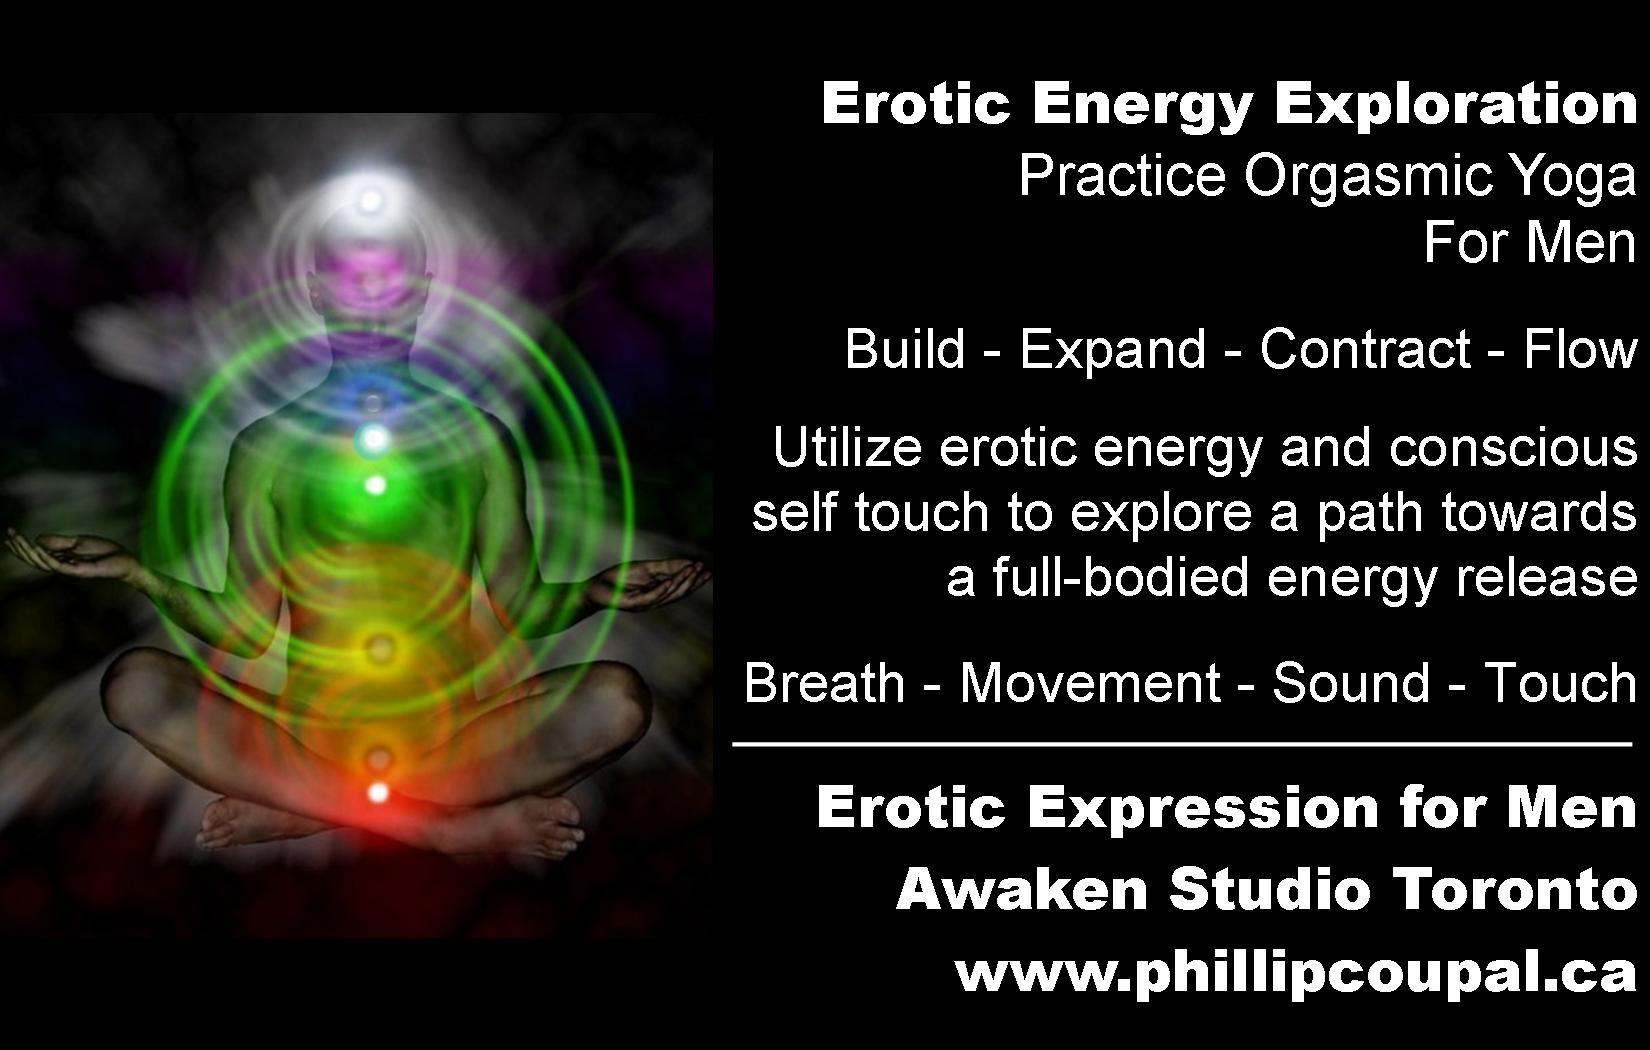 Erotic Energy Exploration